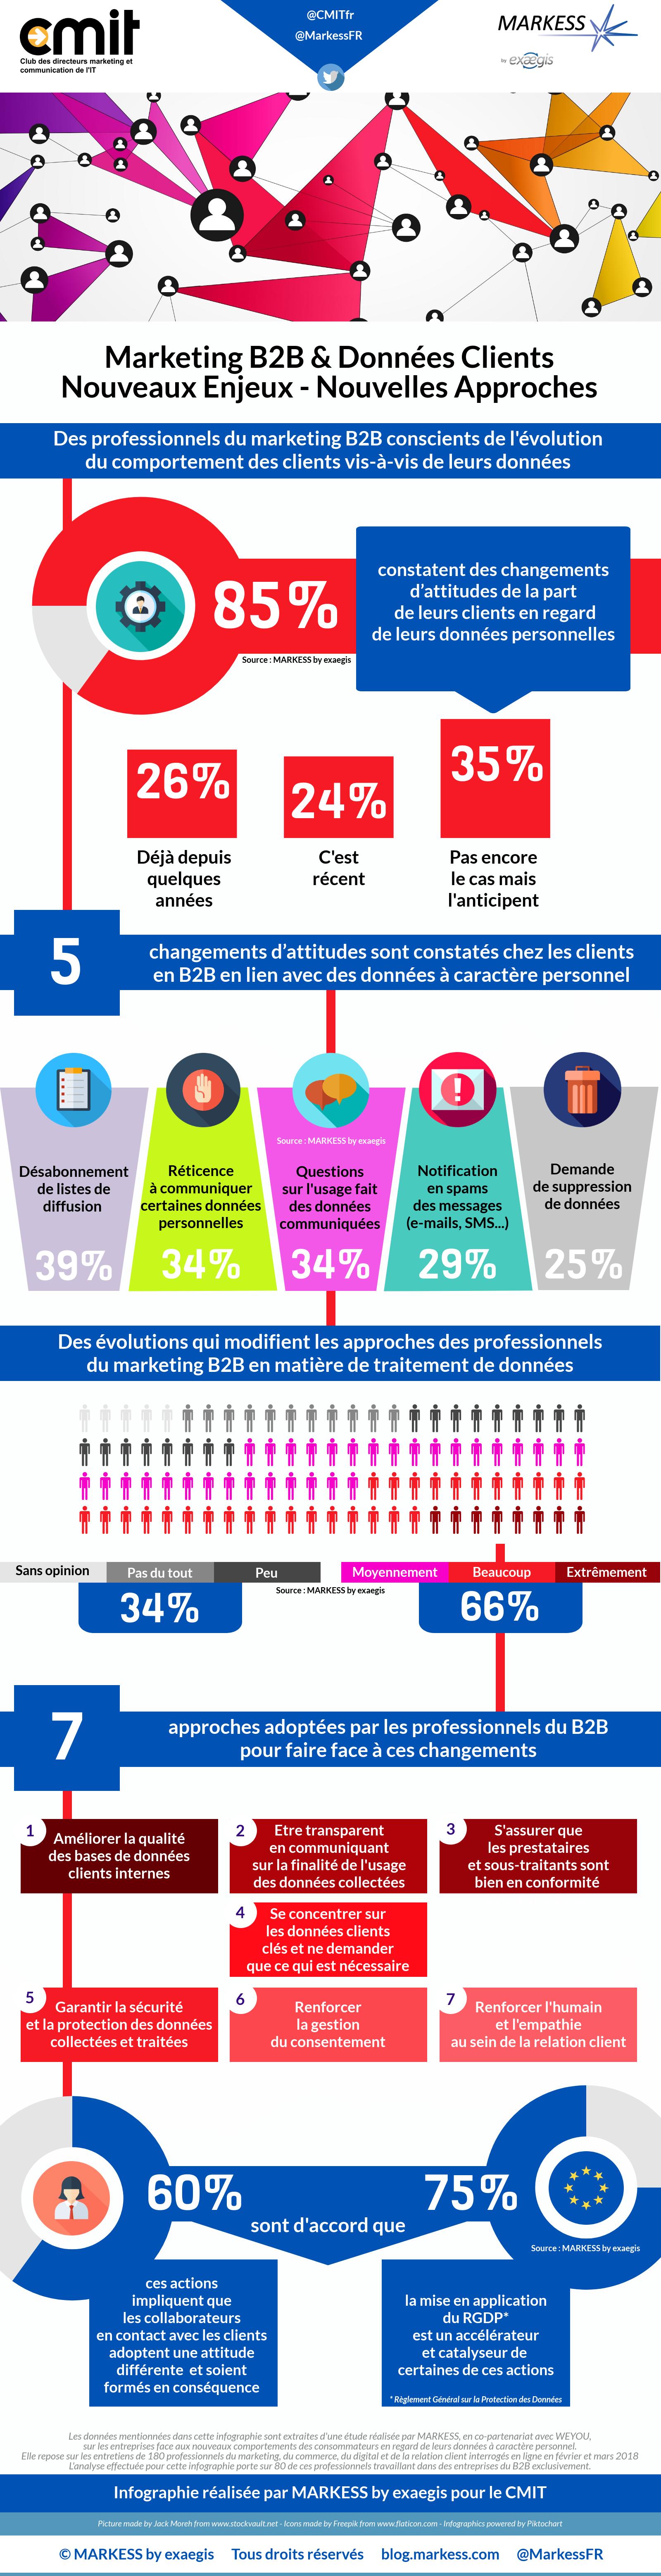 infographie CMIT et Markess Marketing B2B et Donnees client